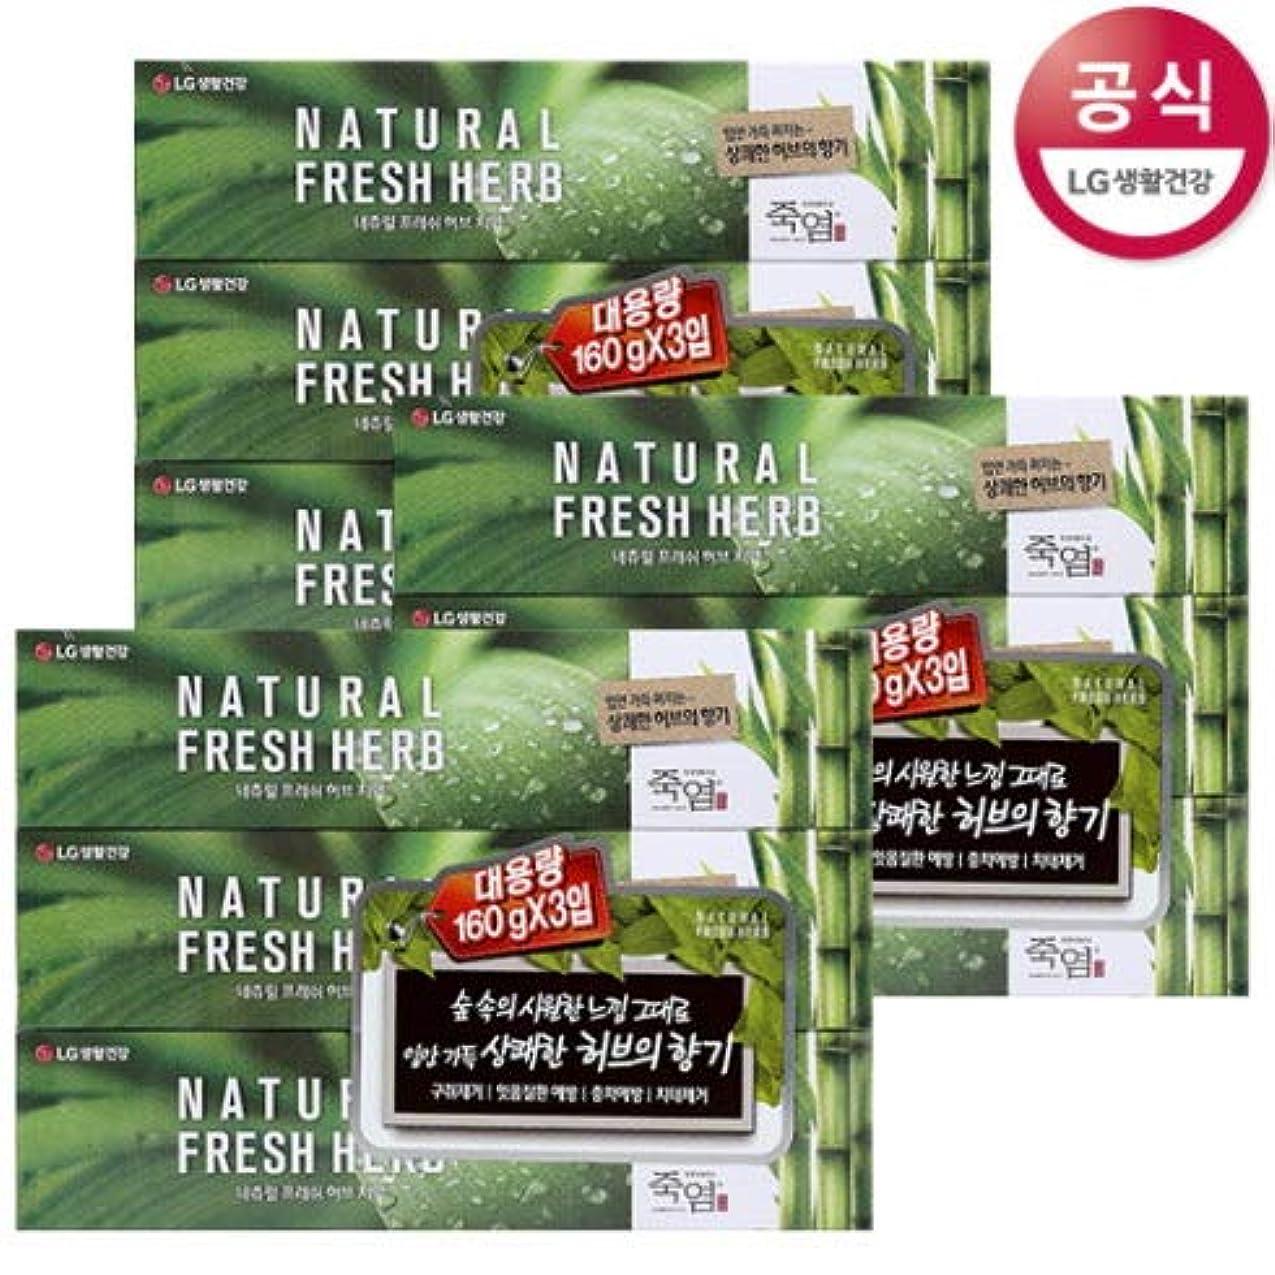 持続的母性人形[LG HnB] Bamboo Salt Natural Fresh Herbal Toothpaste/竹塩ナチュラルフレッシュハーブ歯磨き粉 160gx9個(海外直送品)